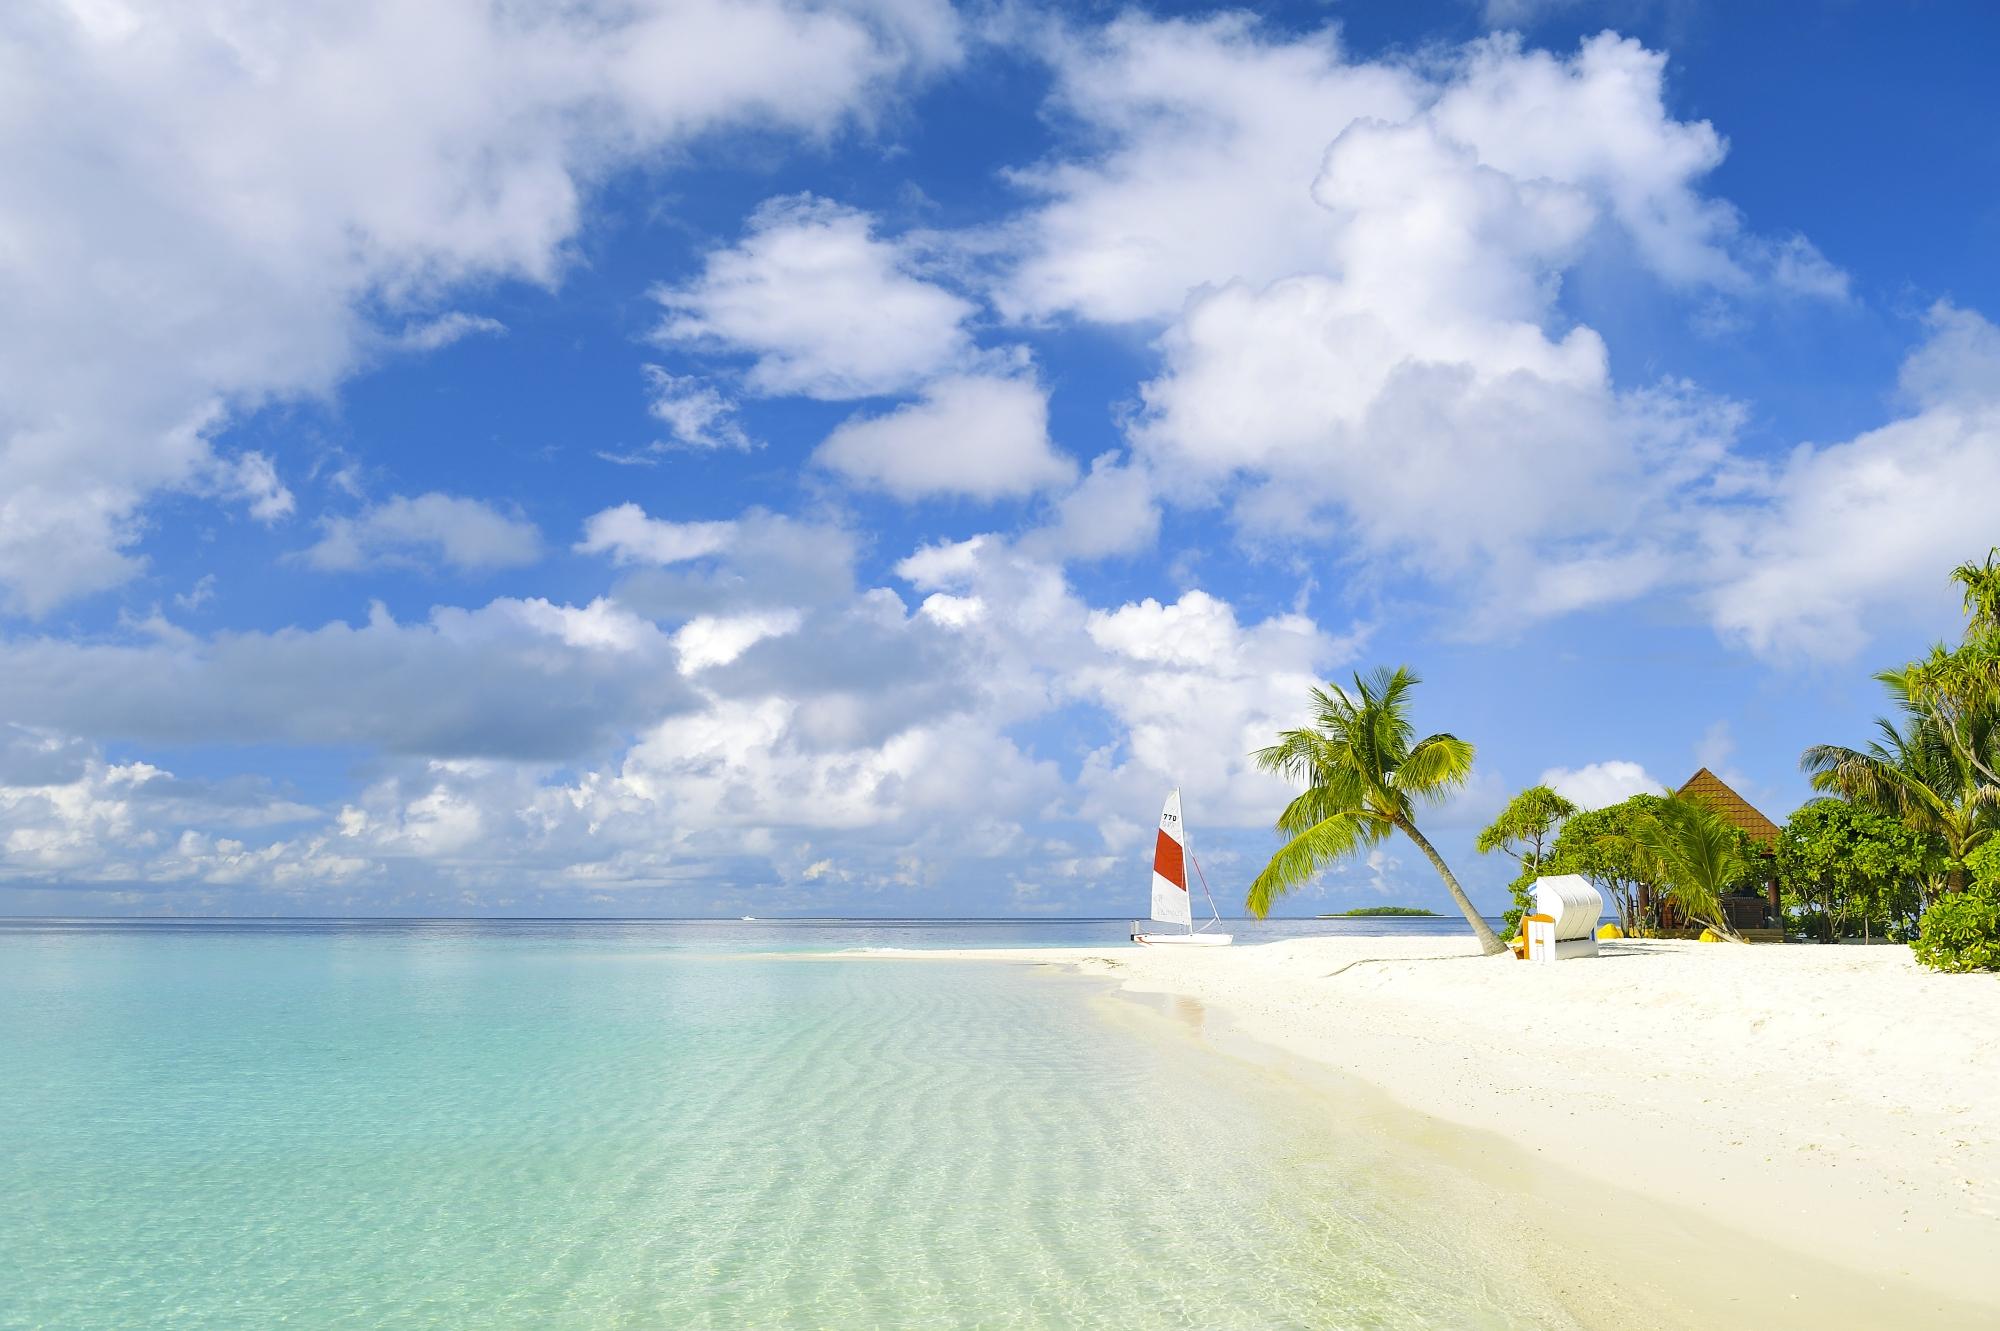 56162 papel de parede 320x480 em seu telefone gratuitamente, baixe imagens Mar, Natureza, Praia, Areia, Palms, Trópicos, Iate 320x480 em seu celular